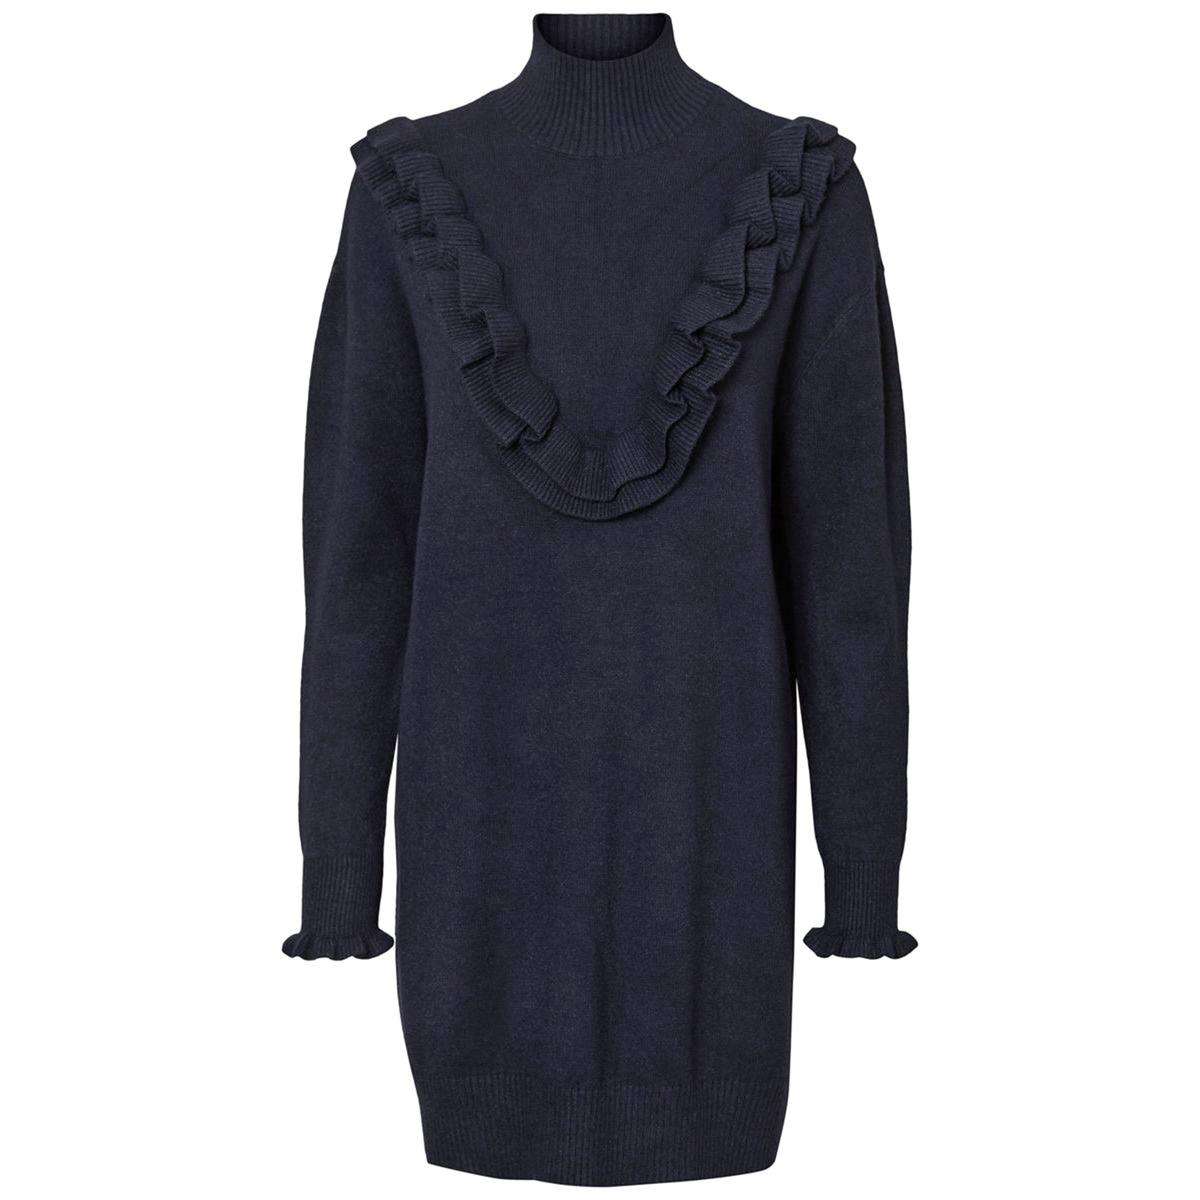 Платье однотонное прямого и короткого покроя с длинными рукавамиДетали •  Форма : прямая •  Укороченная модель •  Длинные рукава    •  Воротник-стойкаСостав и уход •  50% вискозы, 22% других волокон, 28% полиэстера •  Следуйте советам по уходу, указанным на этикетке<br><br>Цвет: оливковый,темно-синий,черный